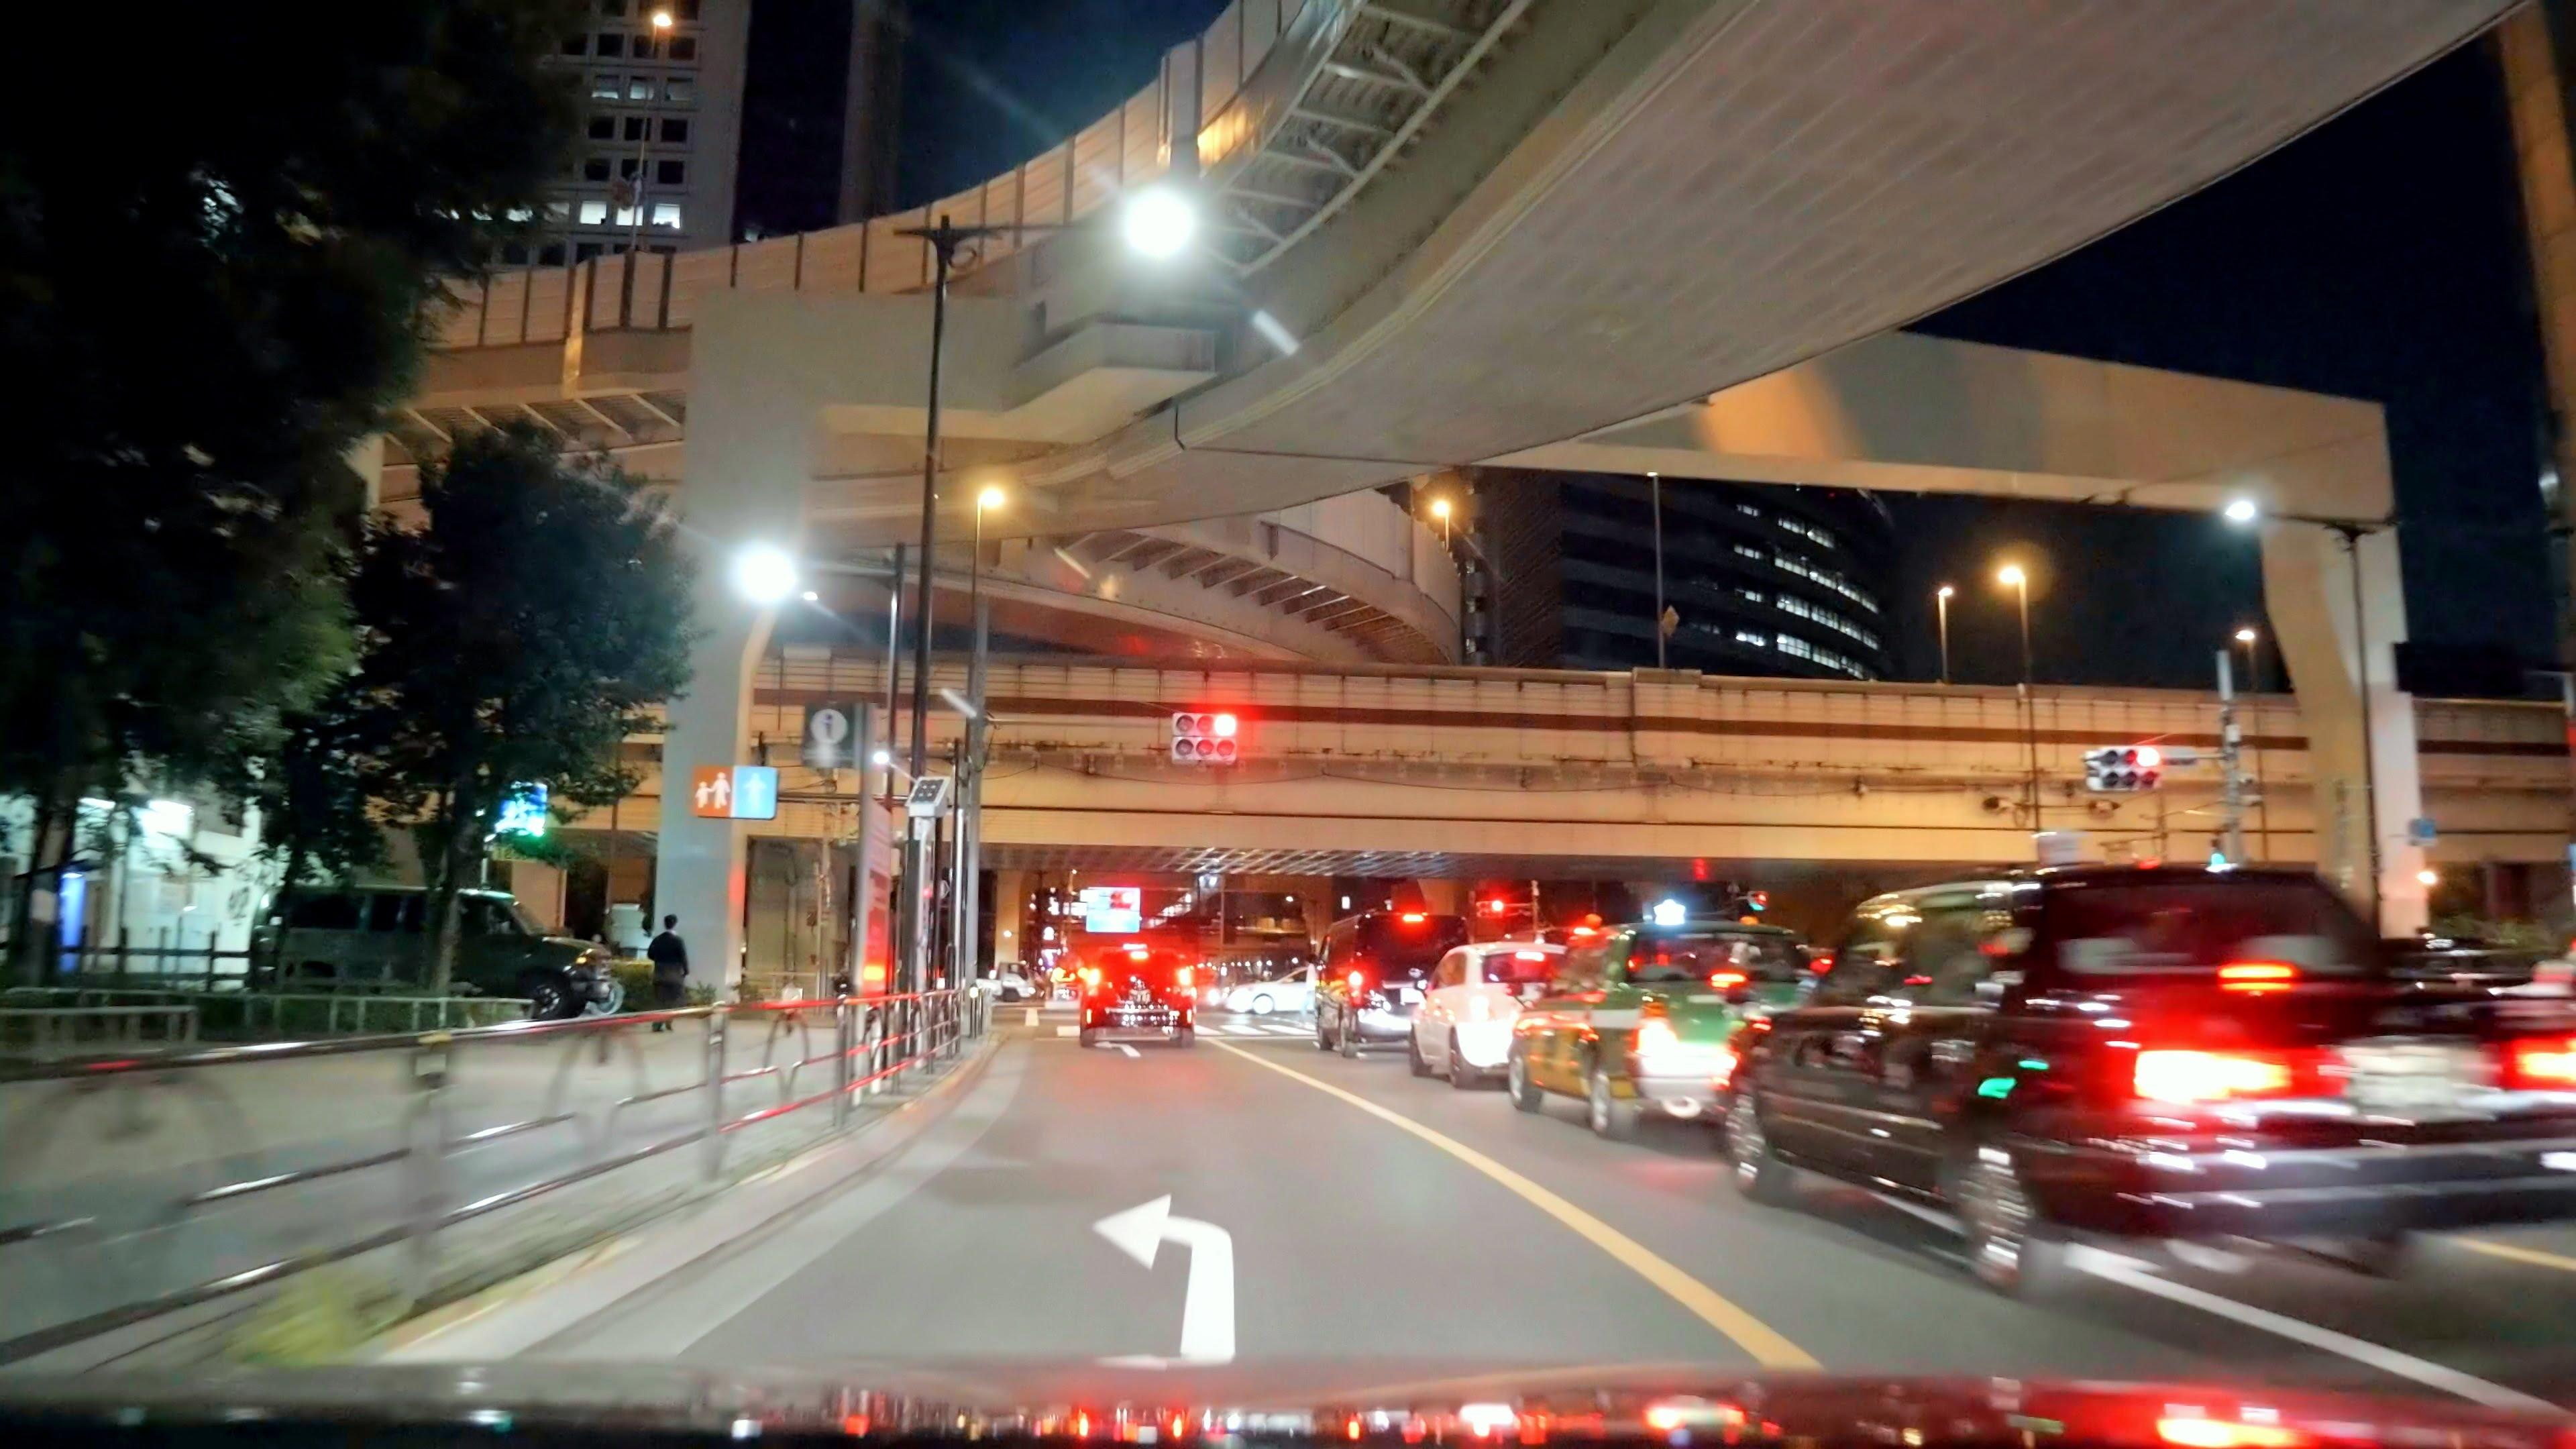 国道20号 甲州街道 下り 初台 – 調布 夜間 [車載動画 2015/10]